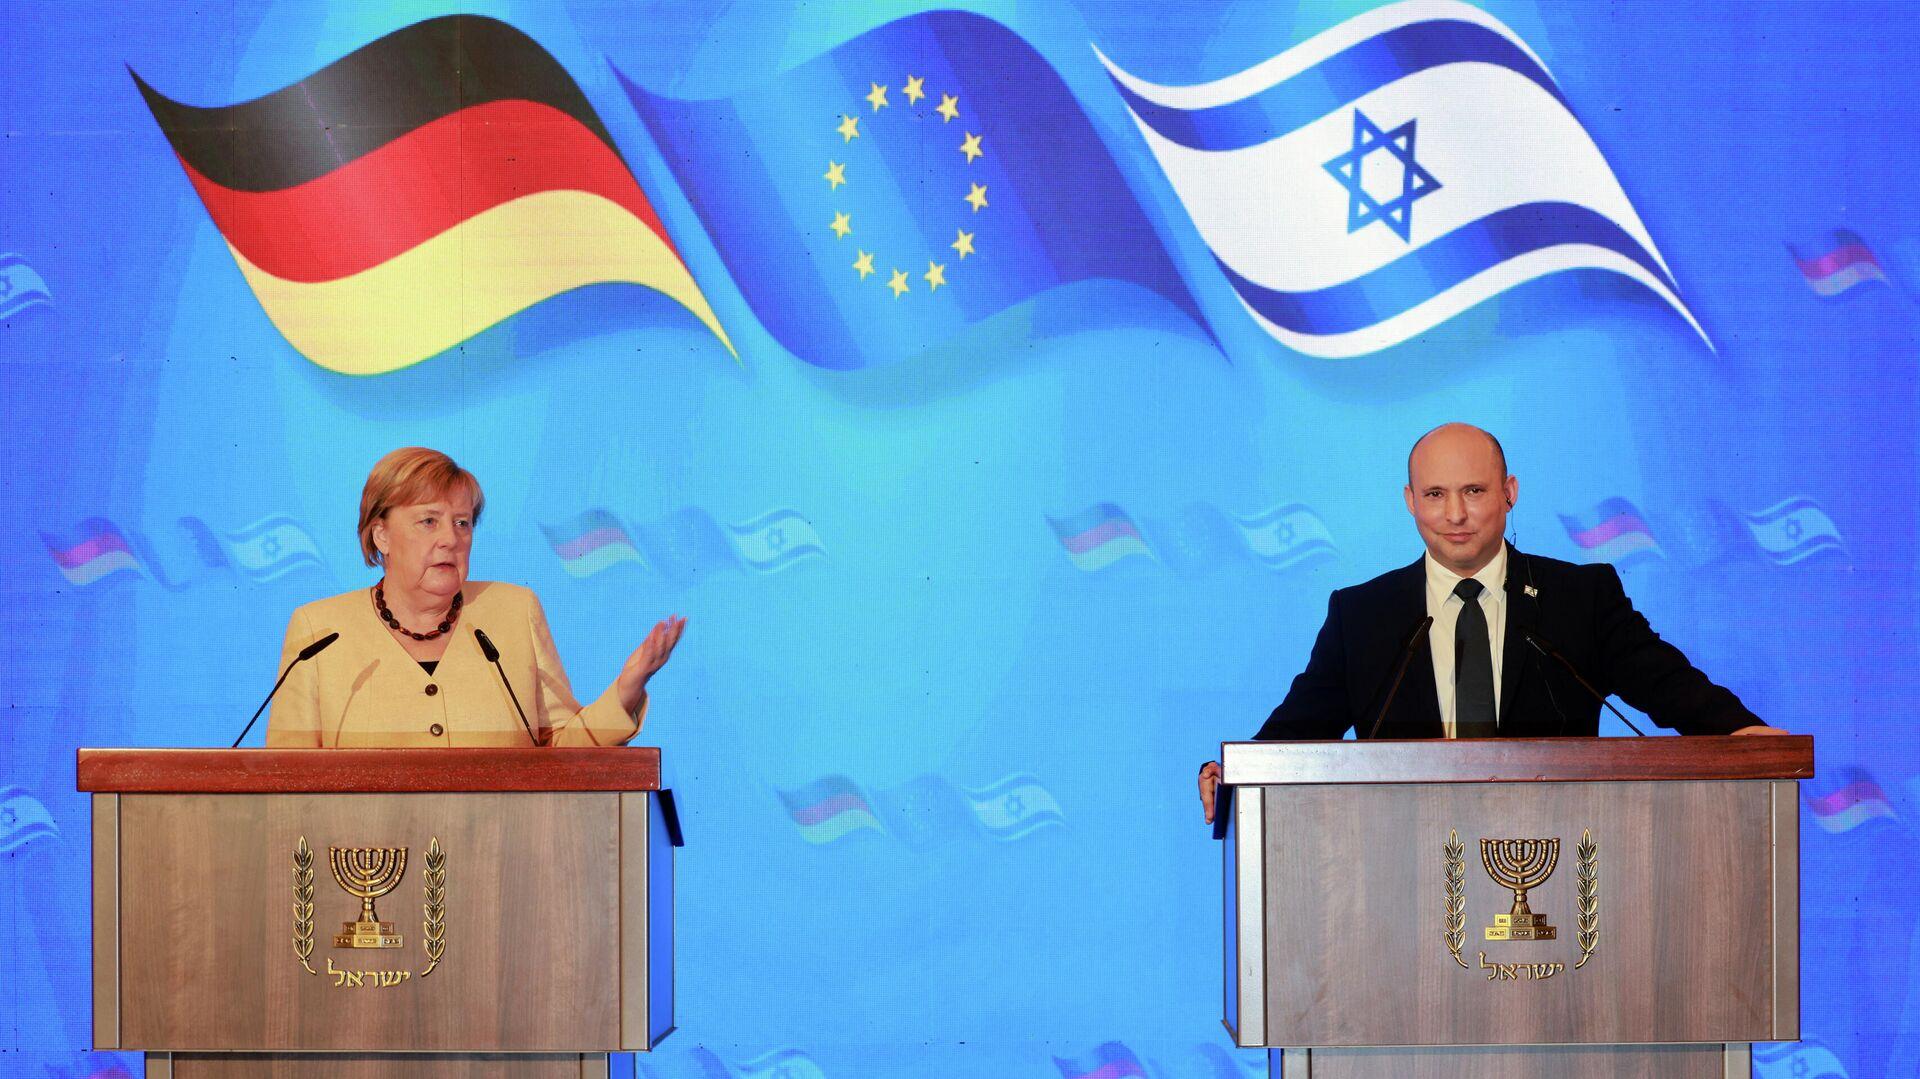 Bundeskanzlerin Angela Merkel nimmt an israelischem Regierungstreffen teil - SNA, 1920, 10.10.2021